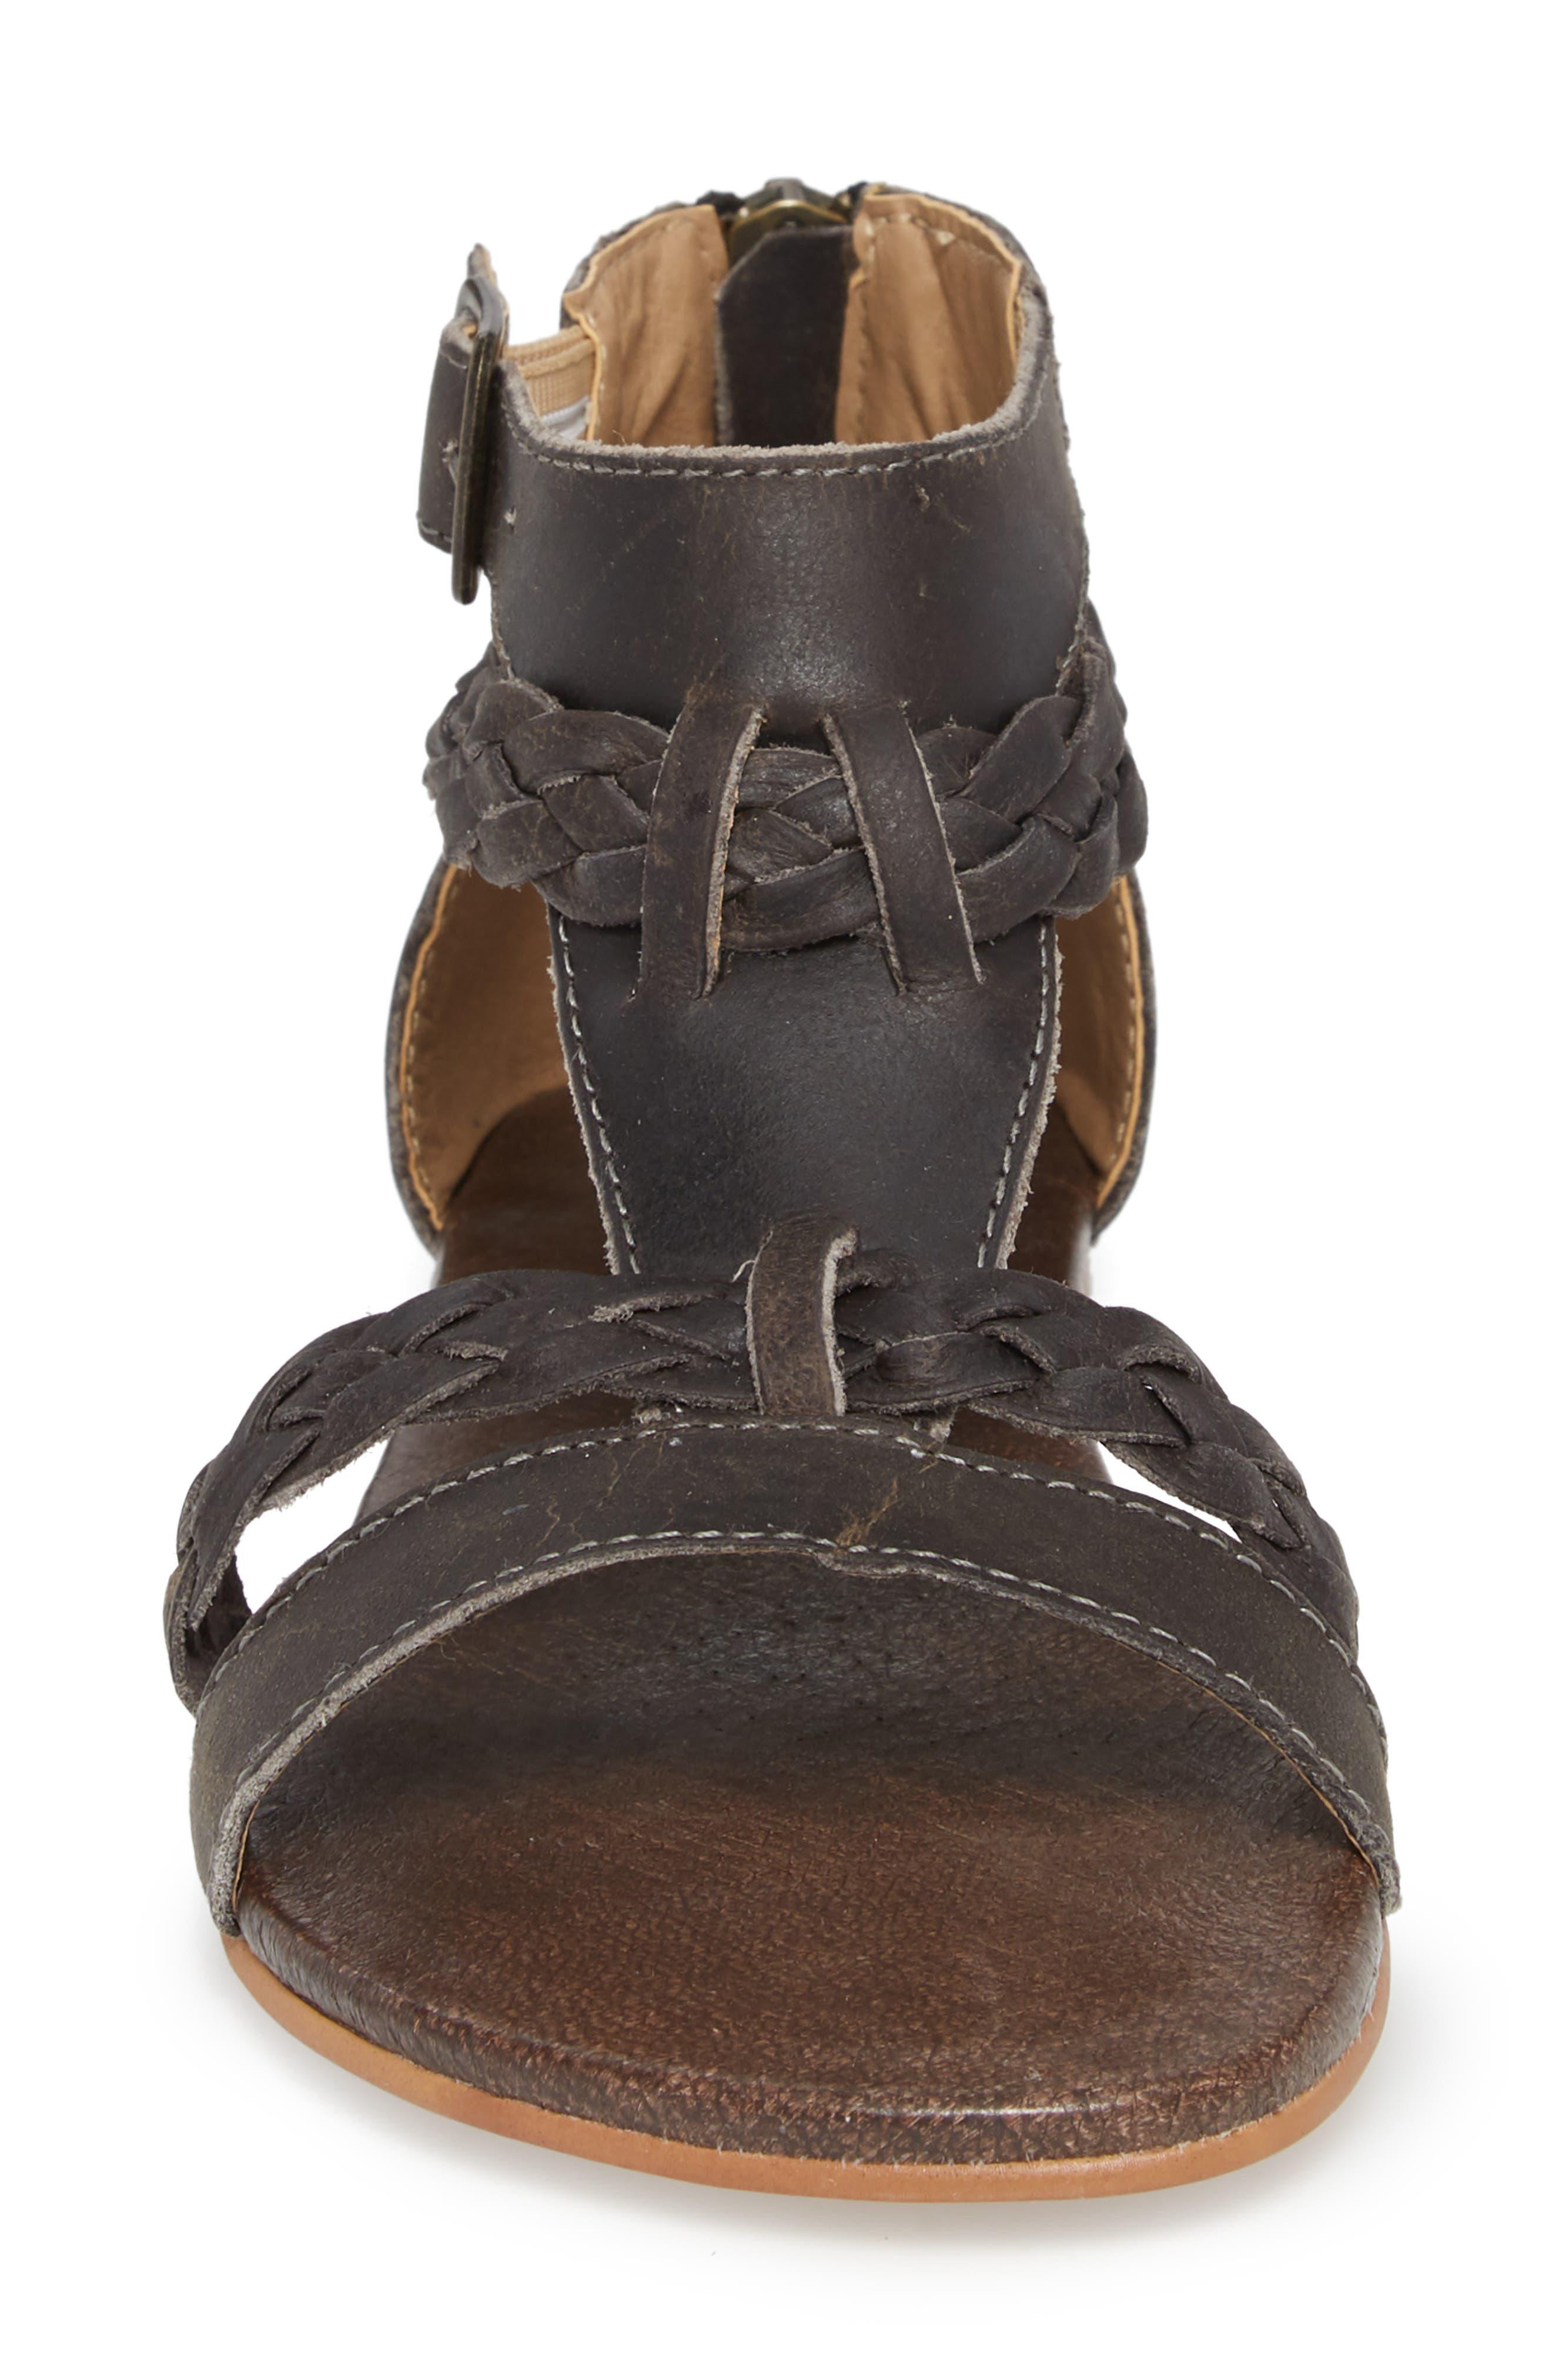 Posey Braided V-Strap Sandal,                             Alternate thumbnail 4, color,                             SYDNEY BLACK